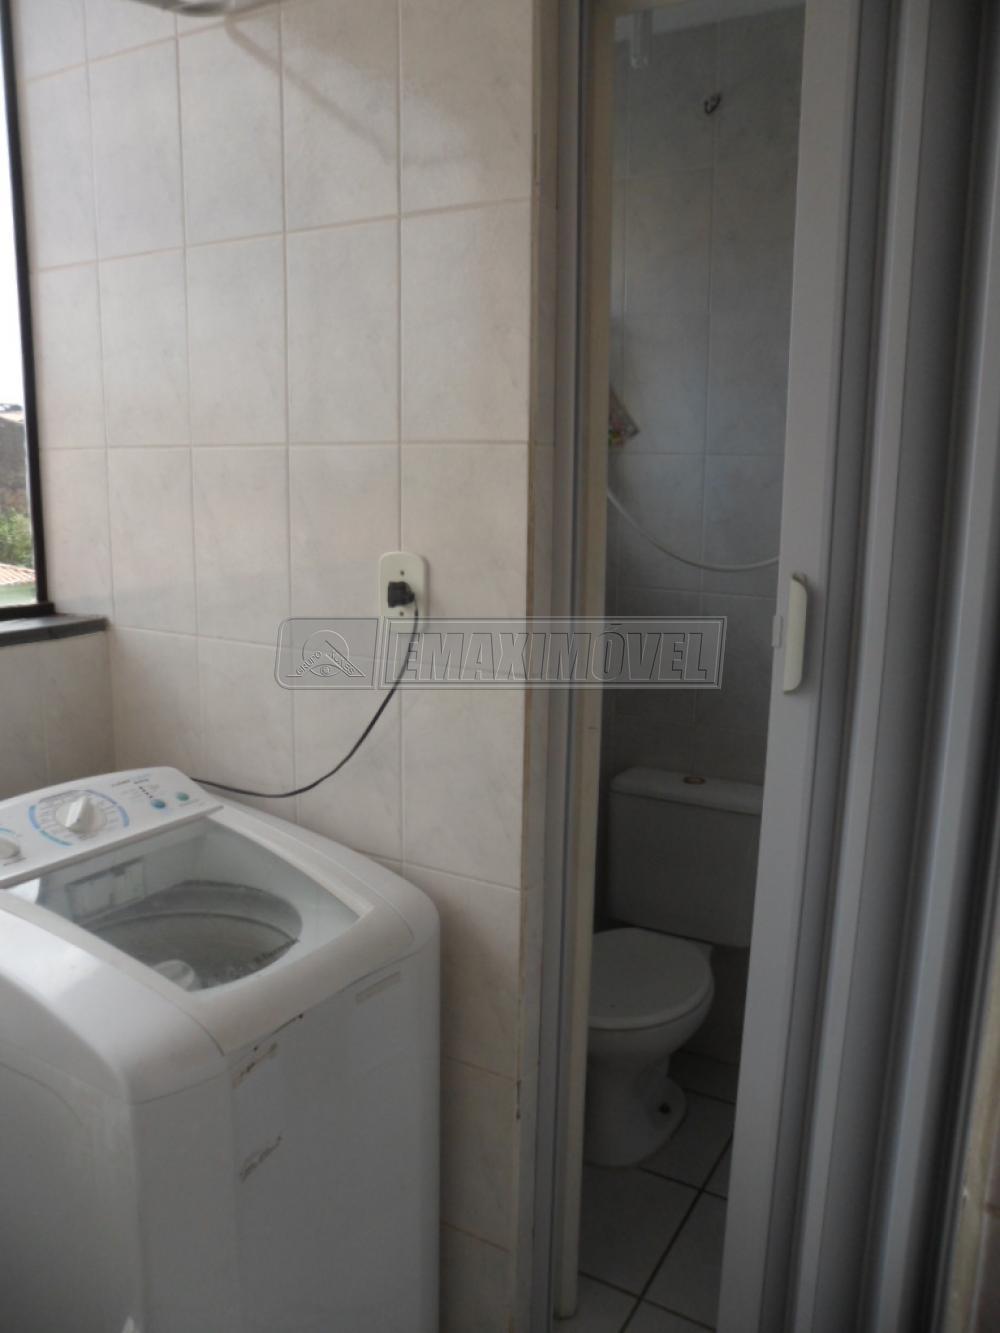 Alugar Apartamentos / Apto Padrão em Sorocaba apenas R$ 1.100,00 - Foto 20